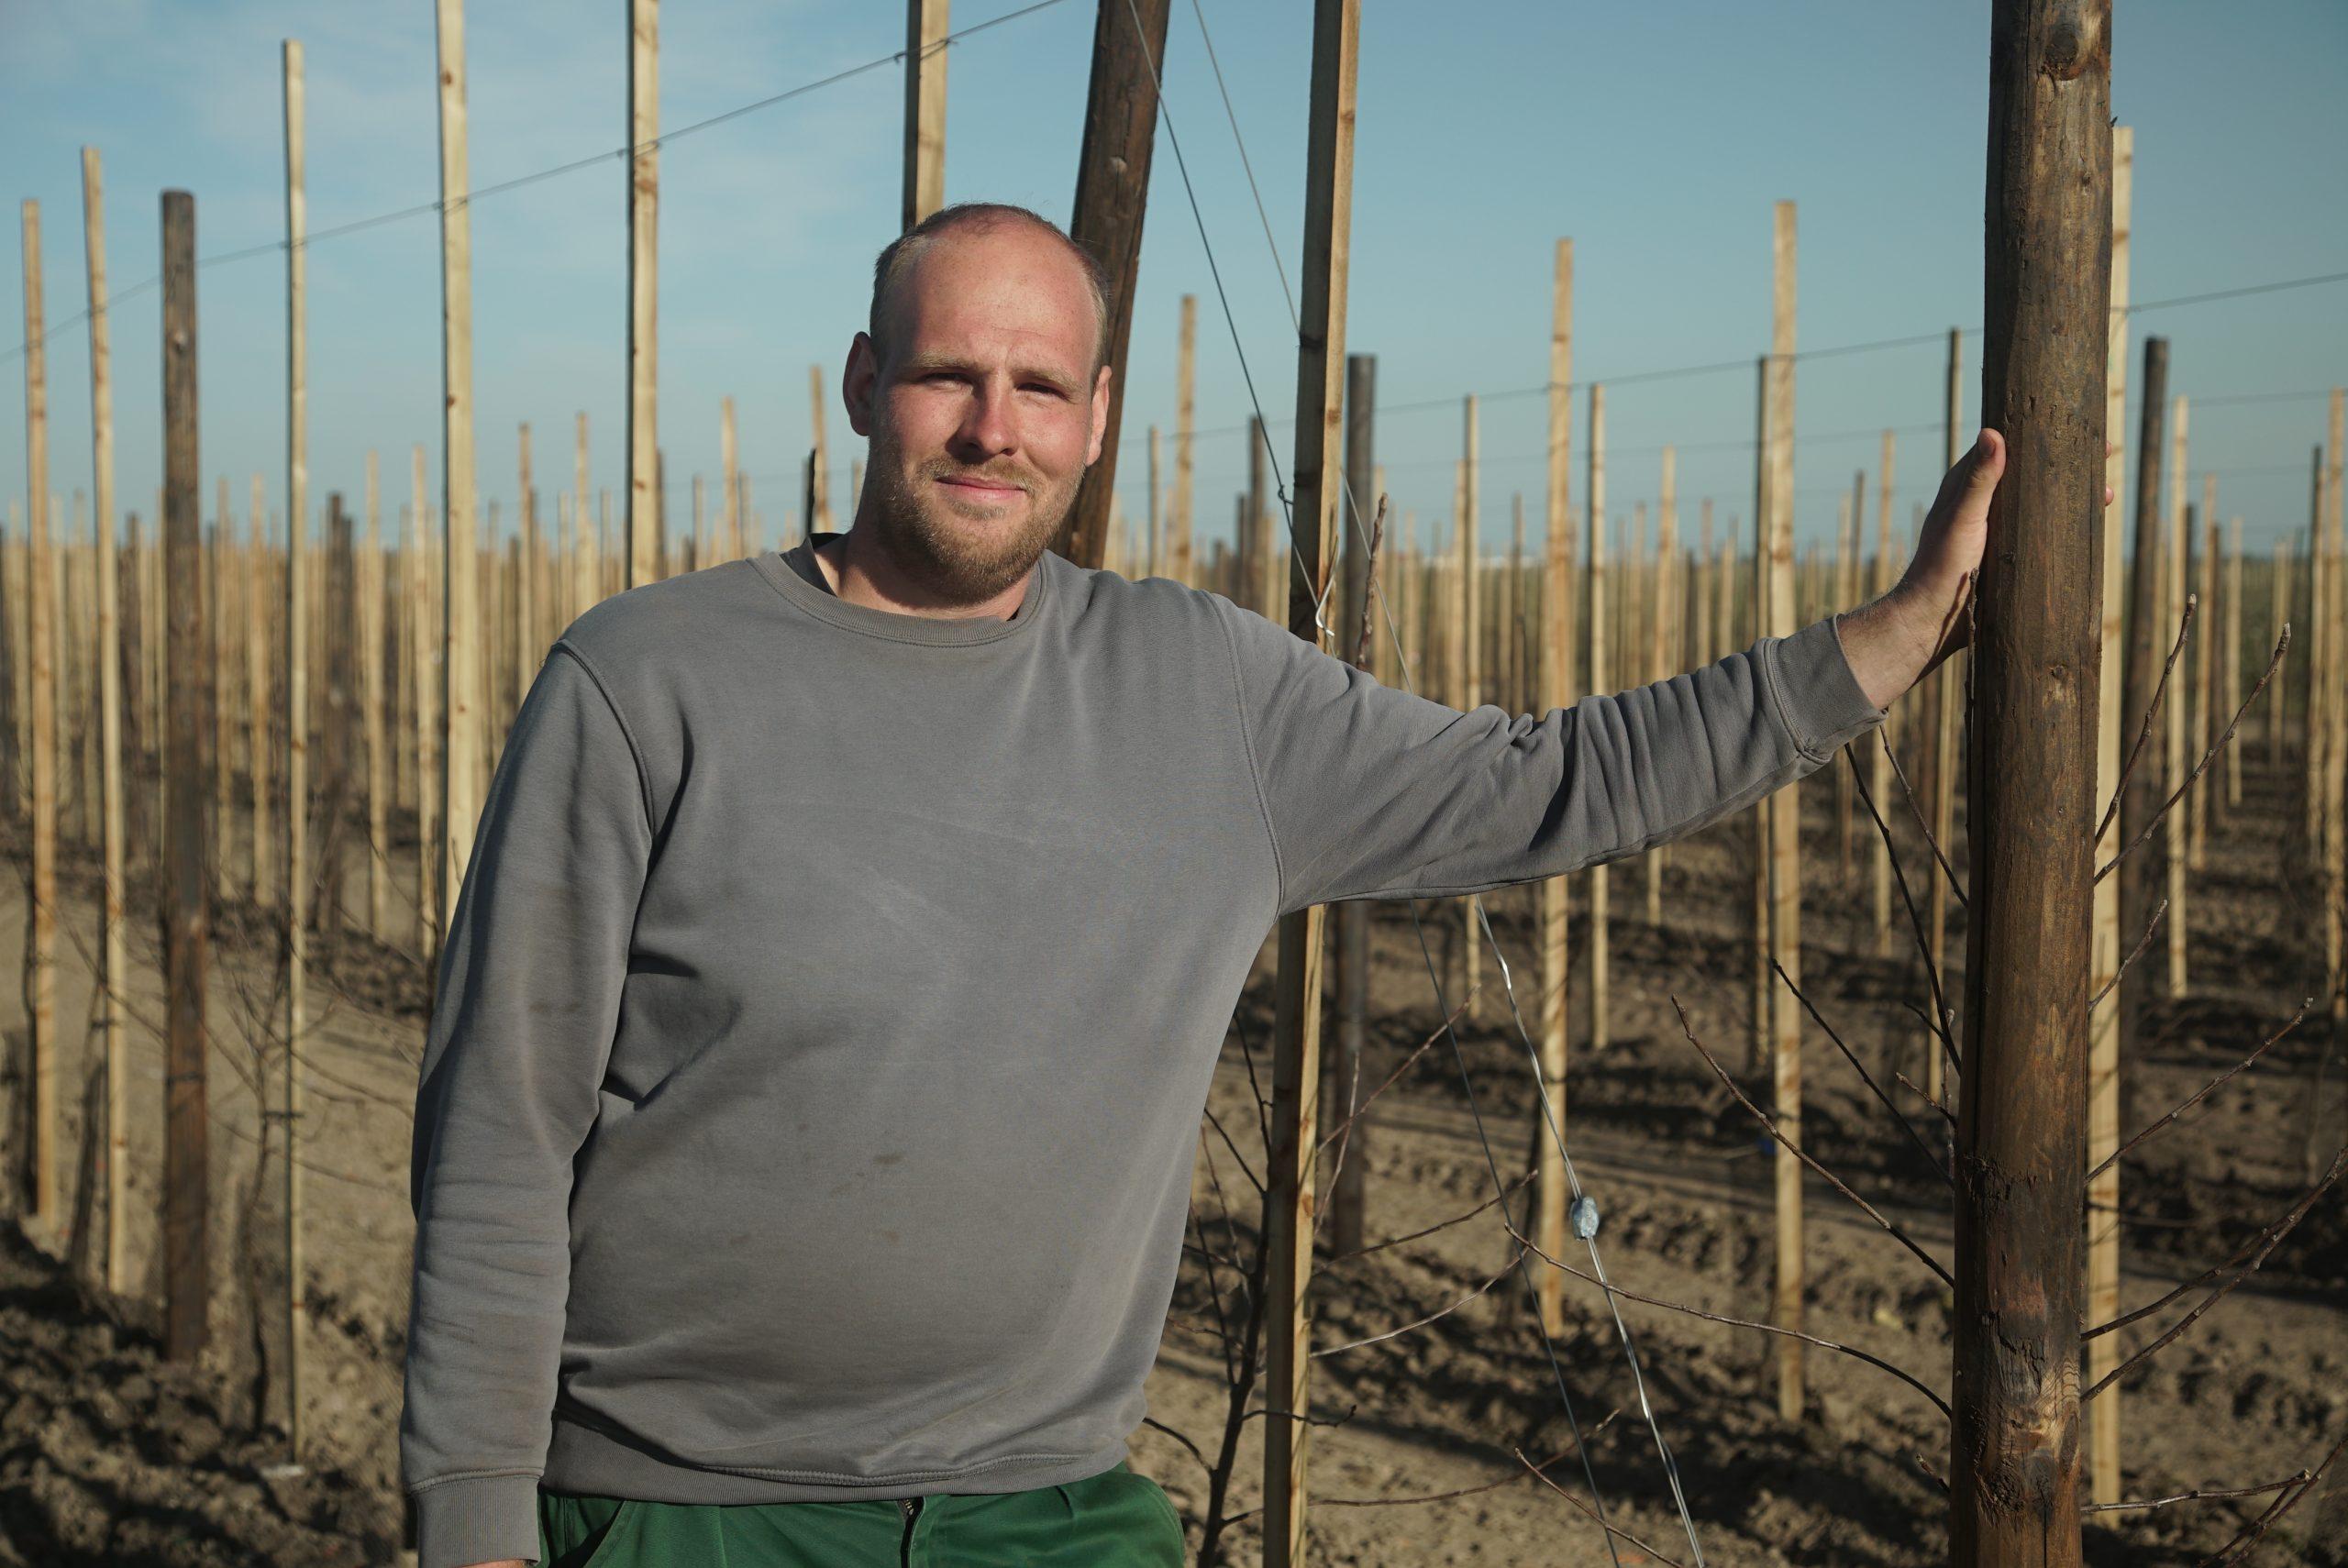 Jan Henrik Börger von Obstbau Börger auf der neu angelegten Apfelplantage